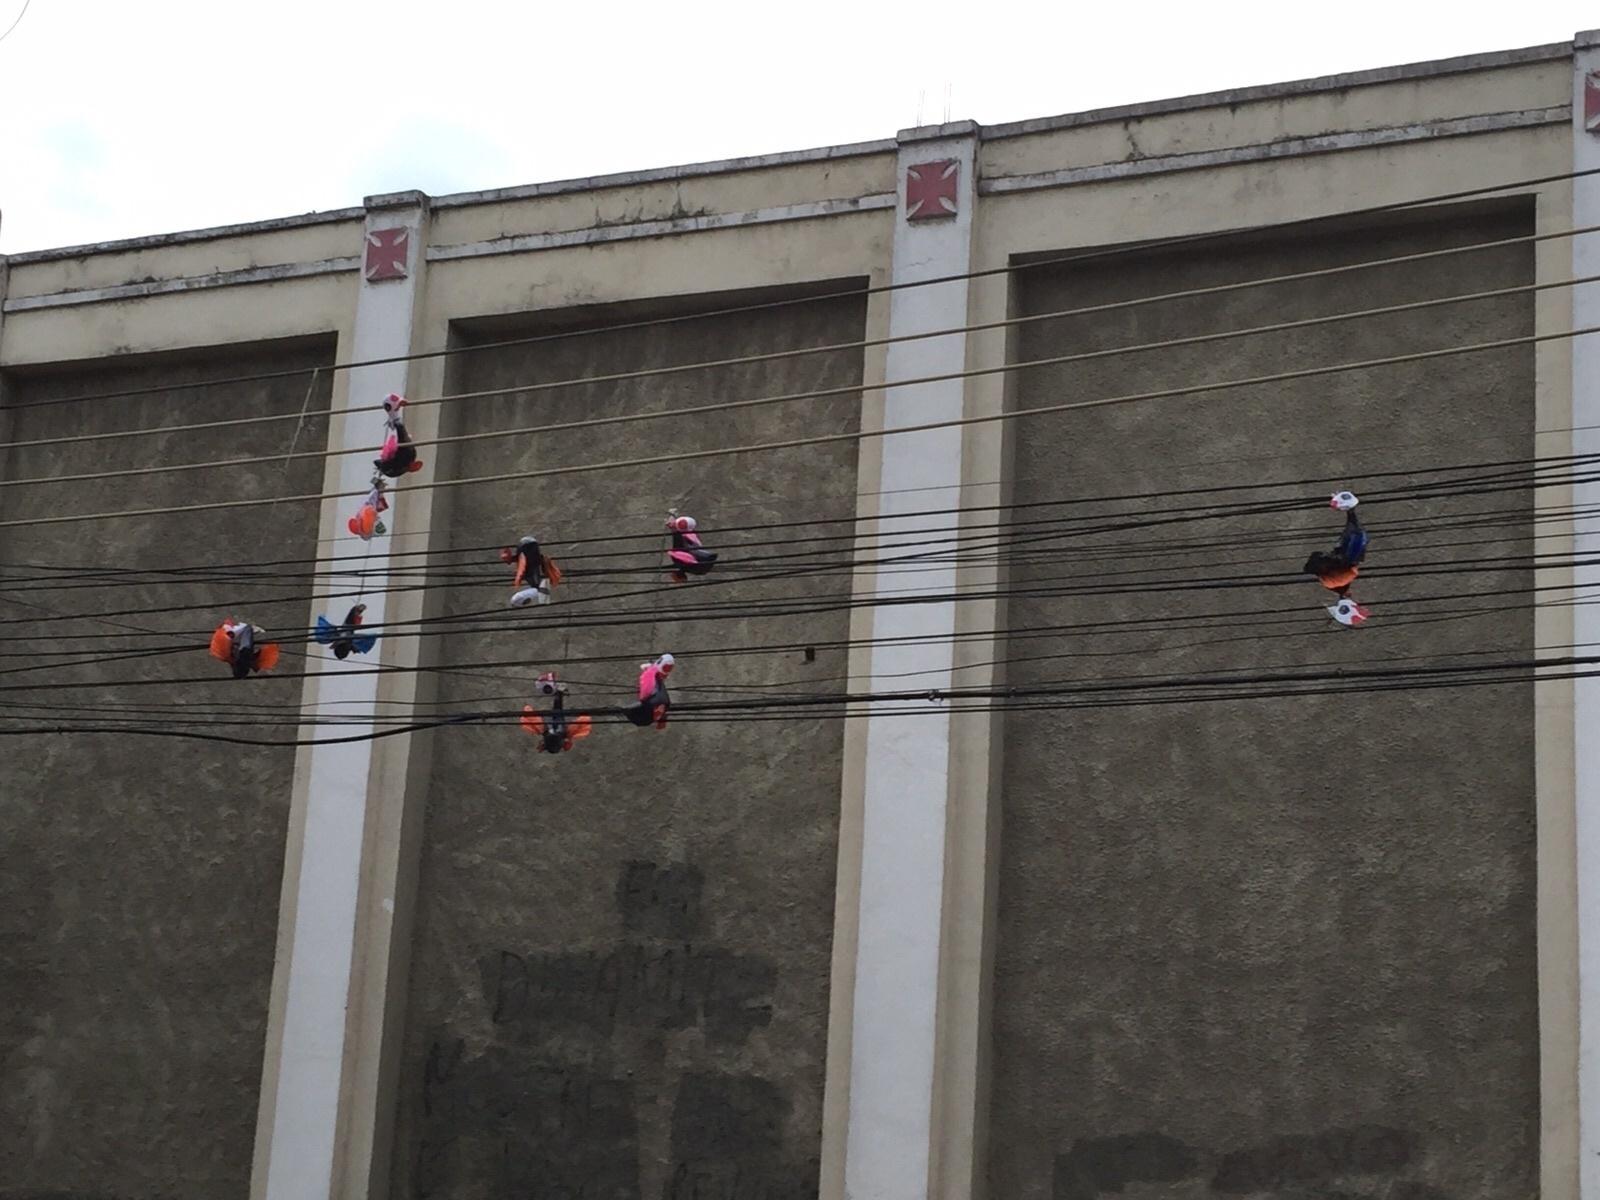 Em provocação aos torcedores corintianos, Galinhas foram penduradas na fiação que passa em frente a São Januário. Milho também foi jogado no entorno da entrada de visitante do estádio.